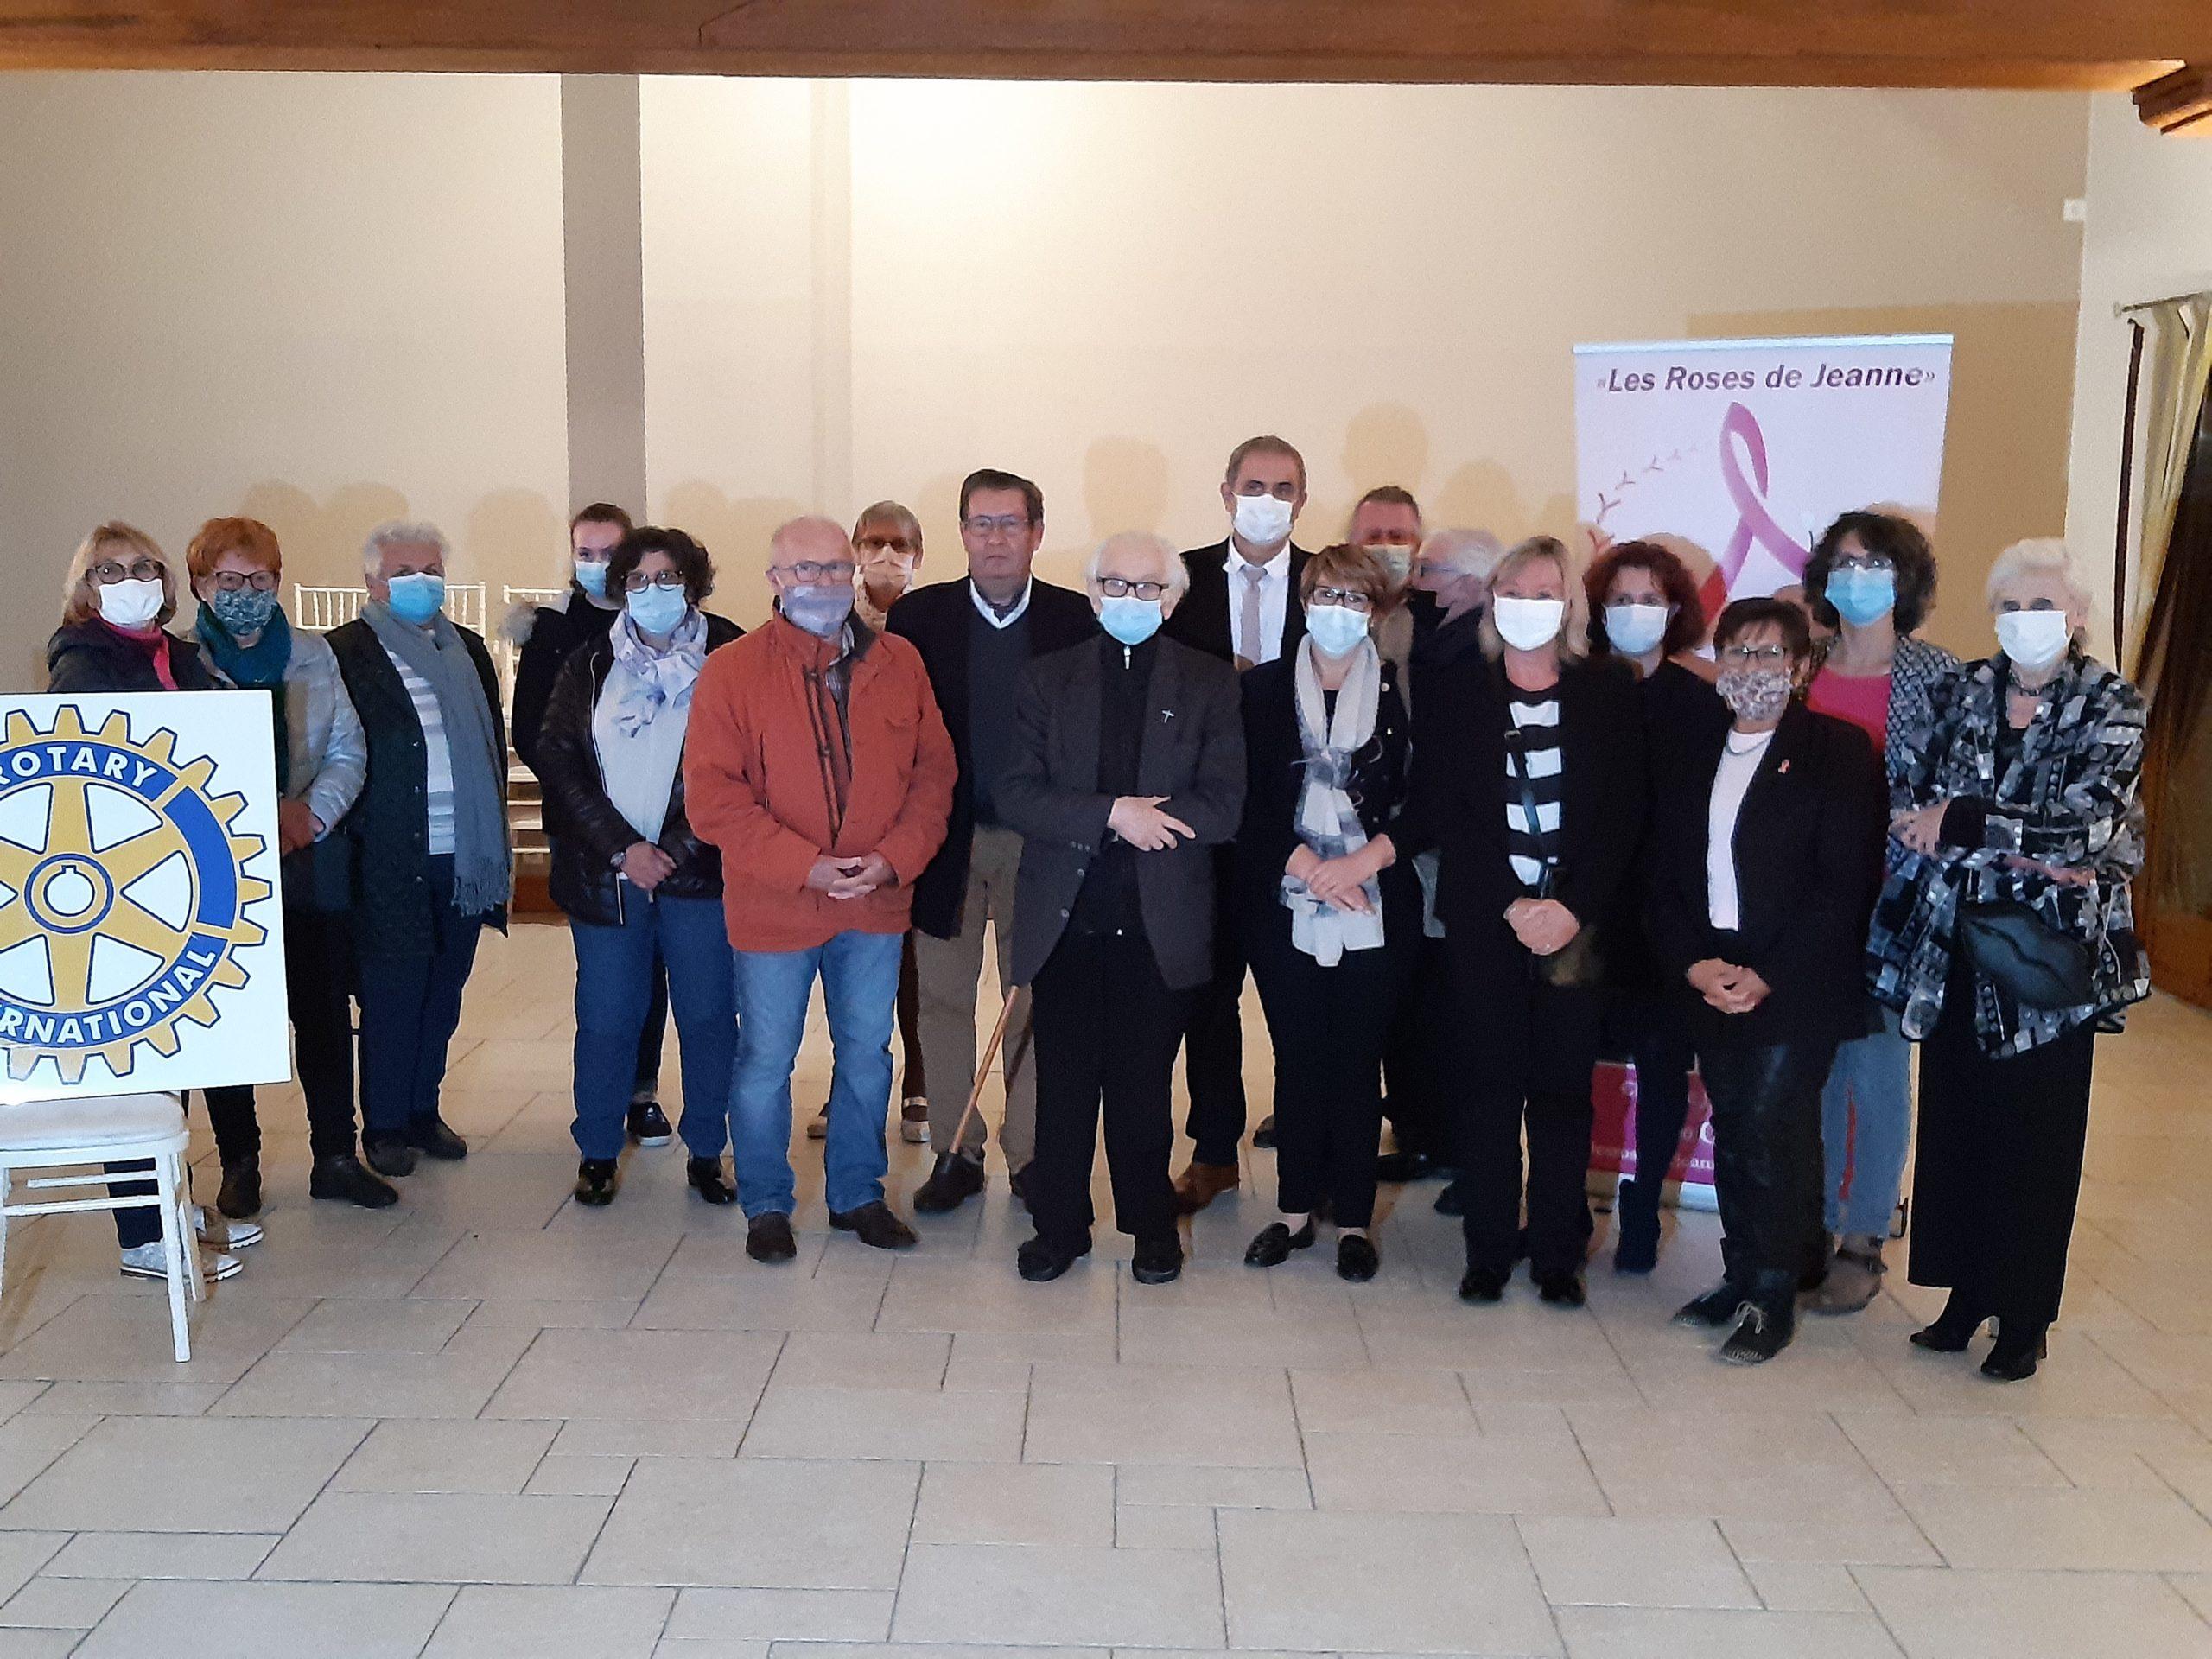 Remise de dons aux associations : Les Roses de Jeanne, l'AIEPG, Les Cigognes, VNR, La Fraternité Giennoise, Le Secours Catholique.